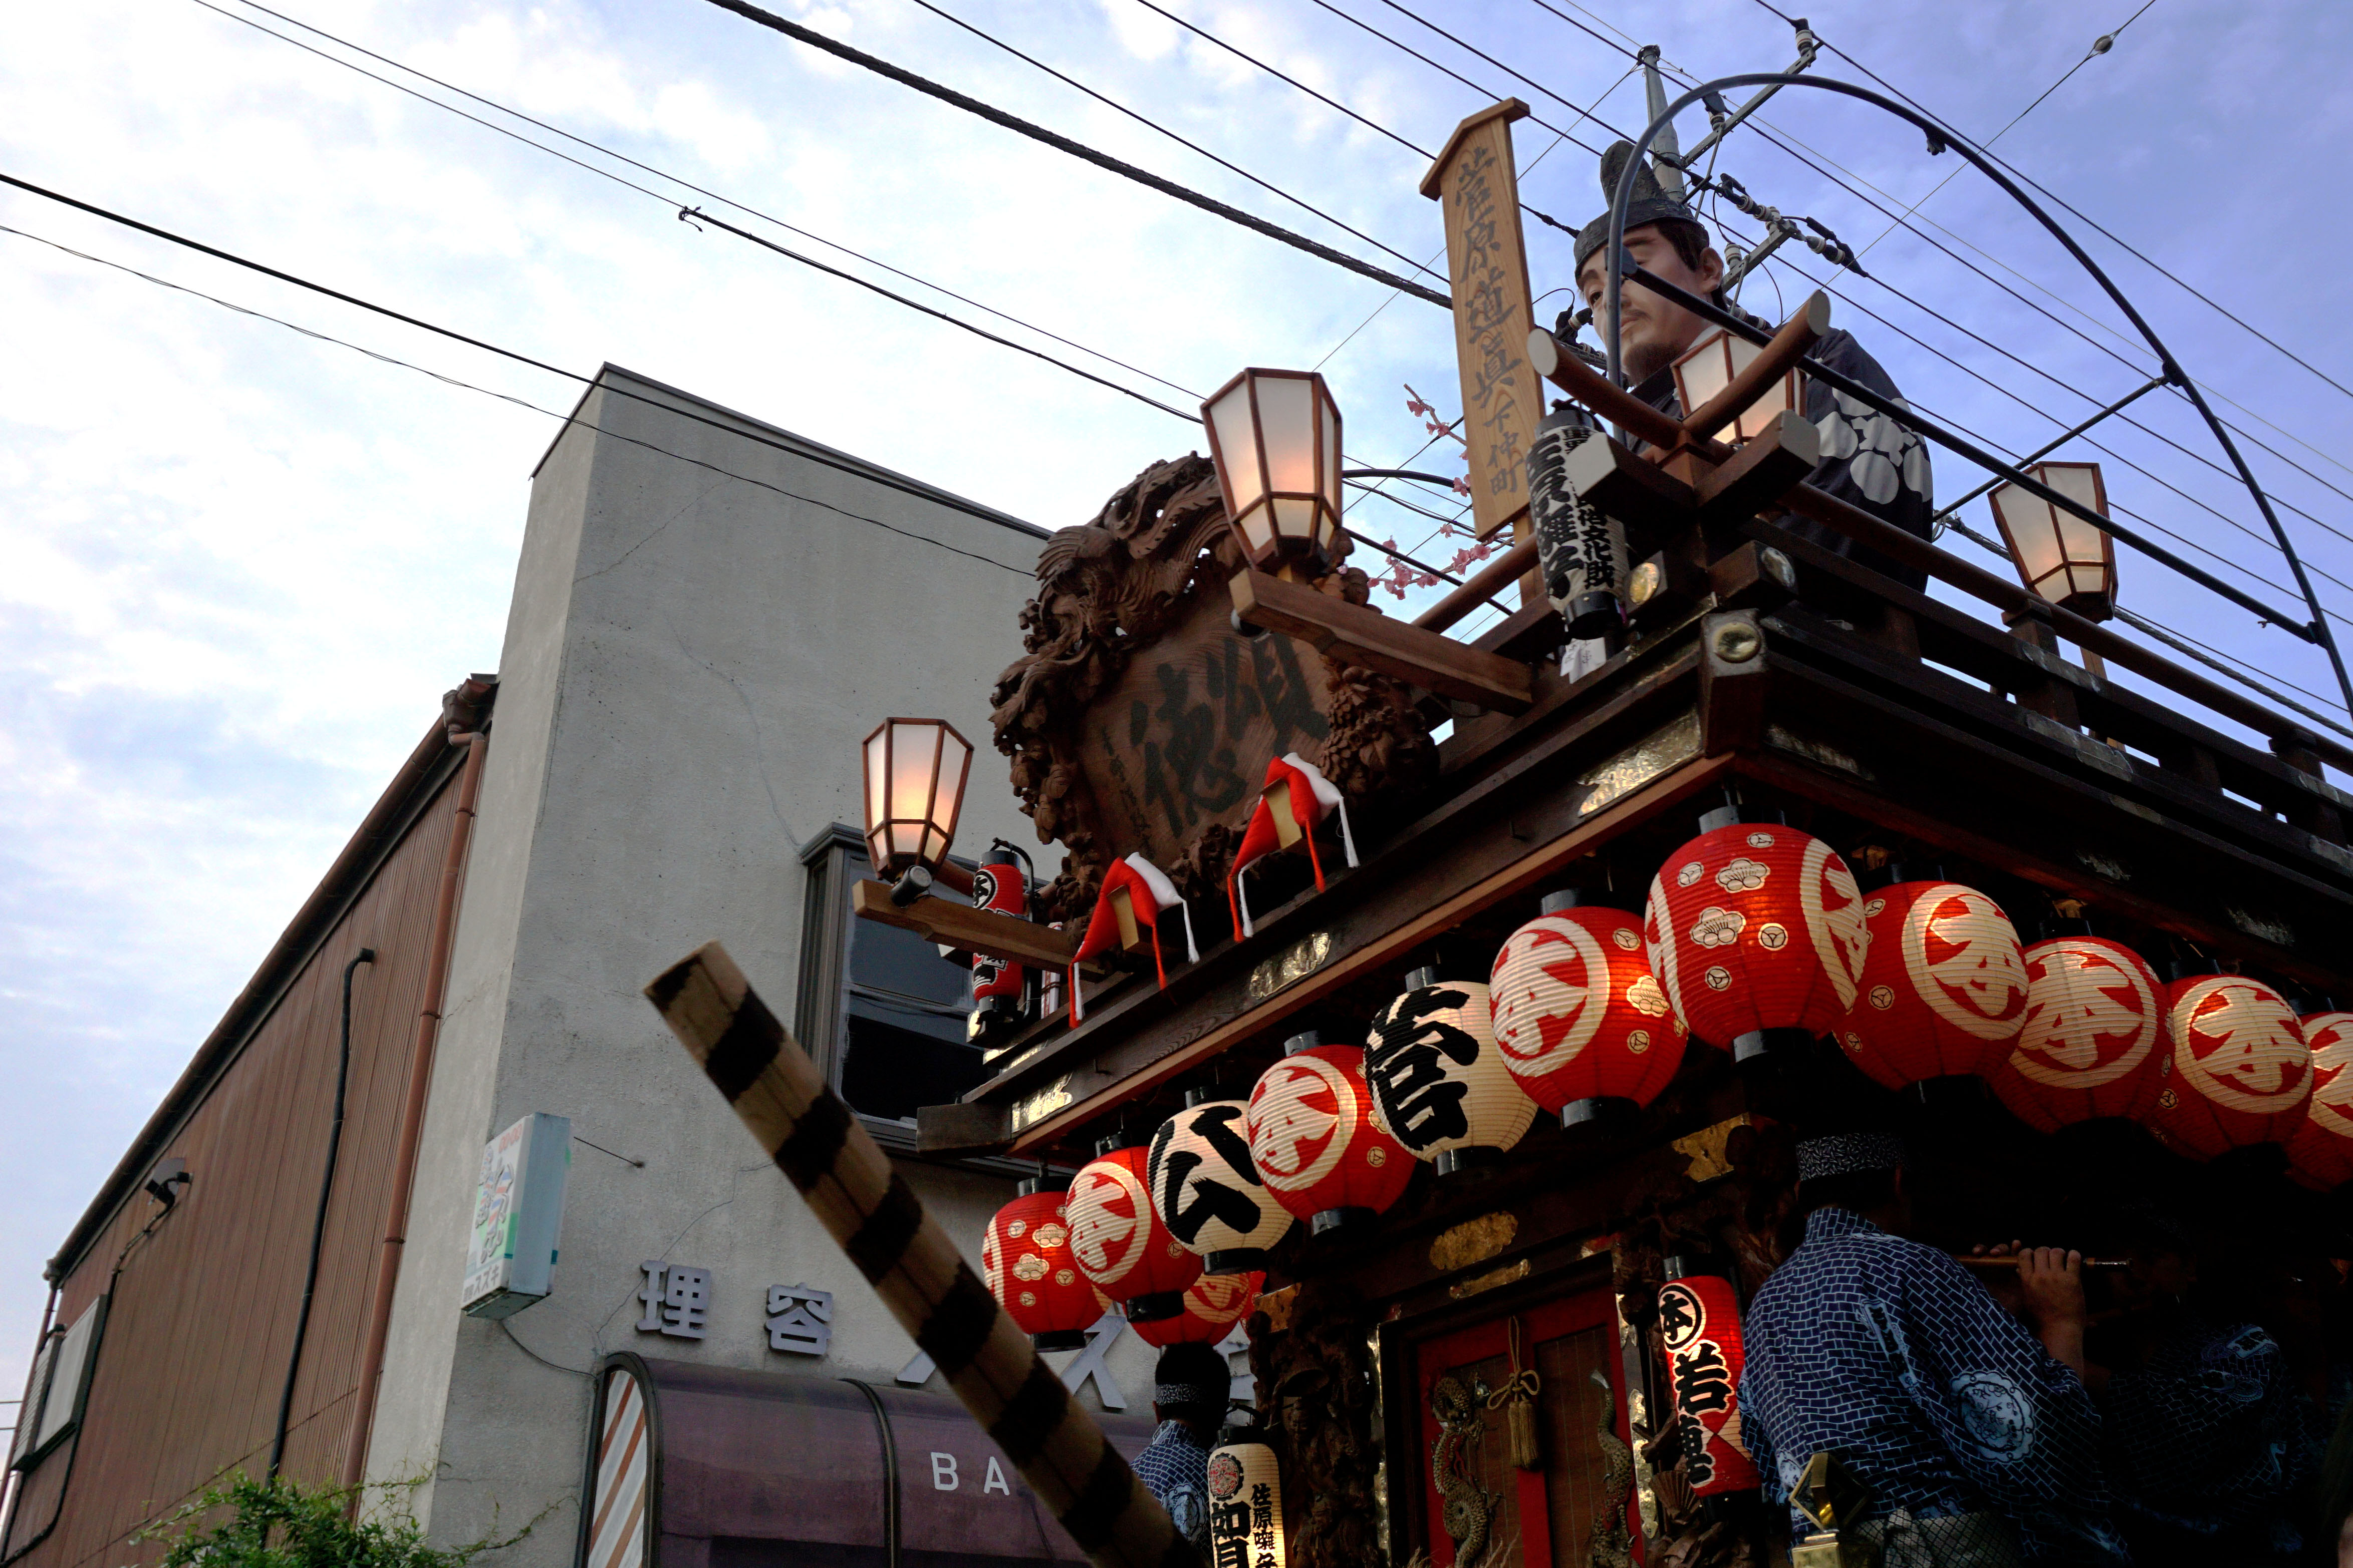 http://ud.t.u-tokyo.ac.jp/blog/_images/0.jpg